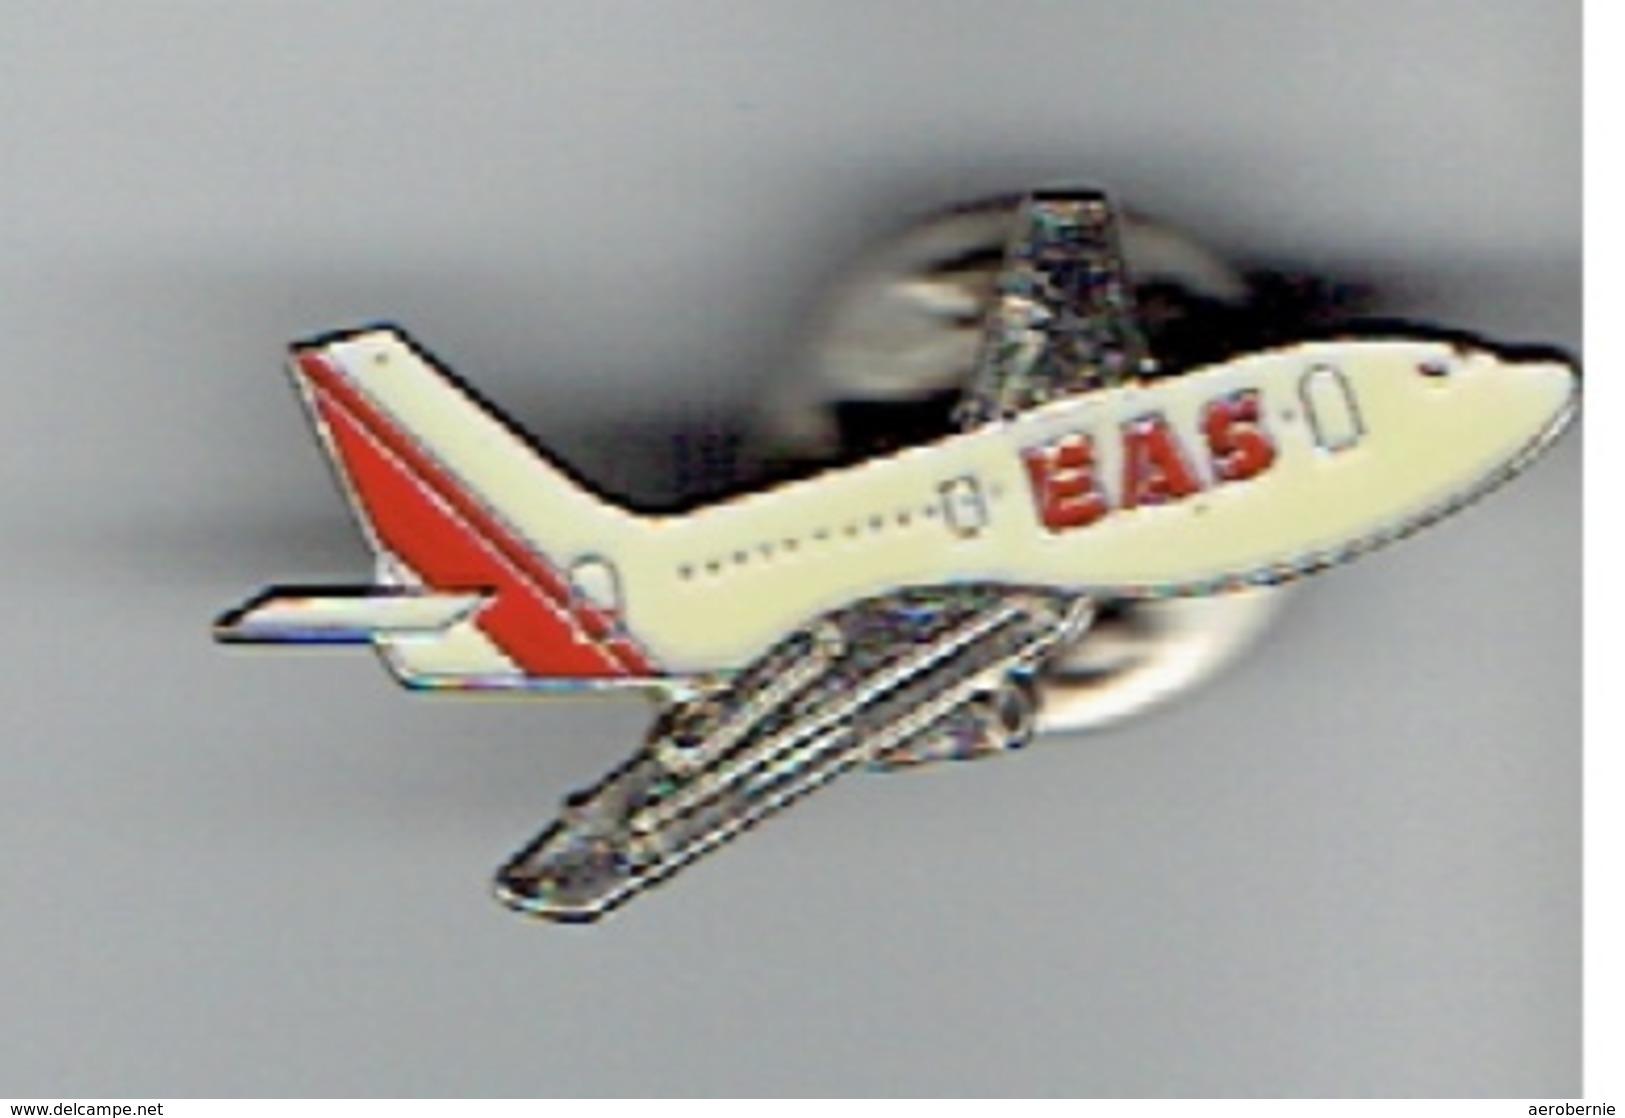 Pin EAS - Europe Air Services / Boeing 737 - Luftfahrt